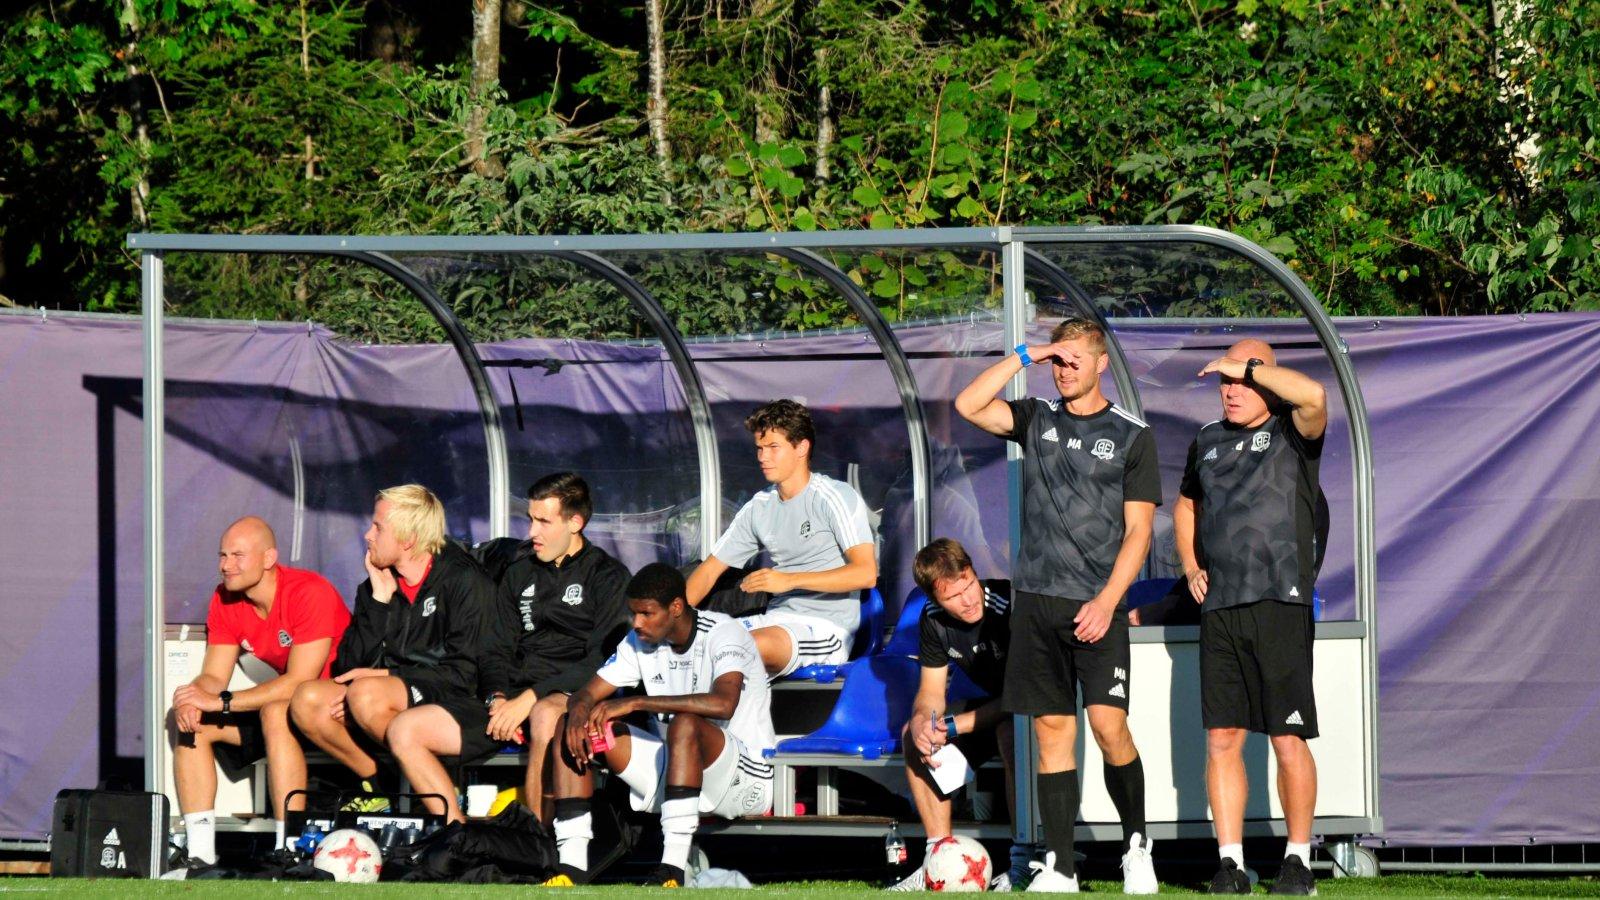 Mattias Andersson, Frank Bredal og resten av støtteapparatet på benken.